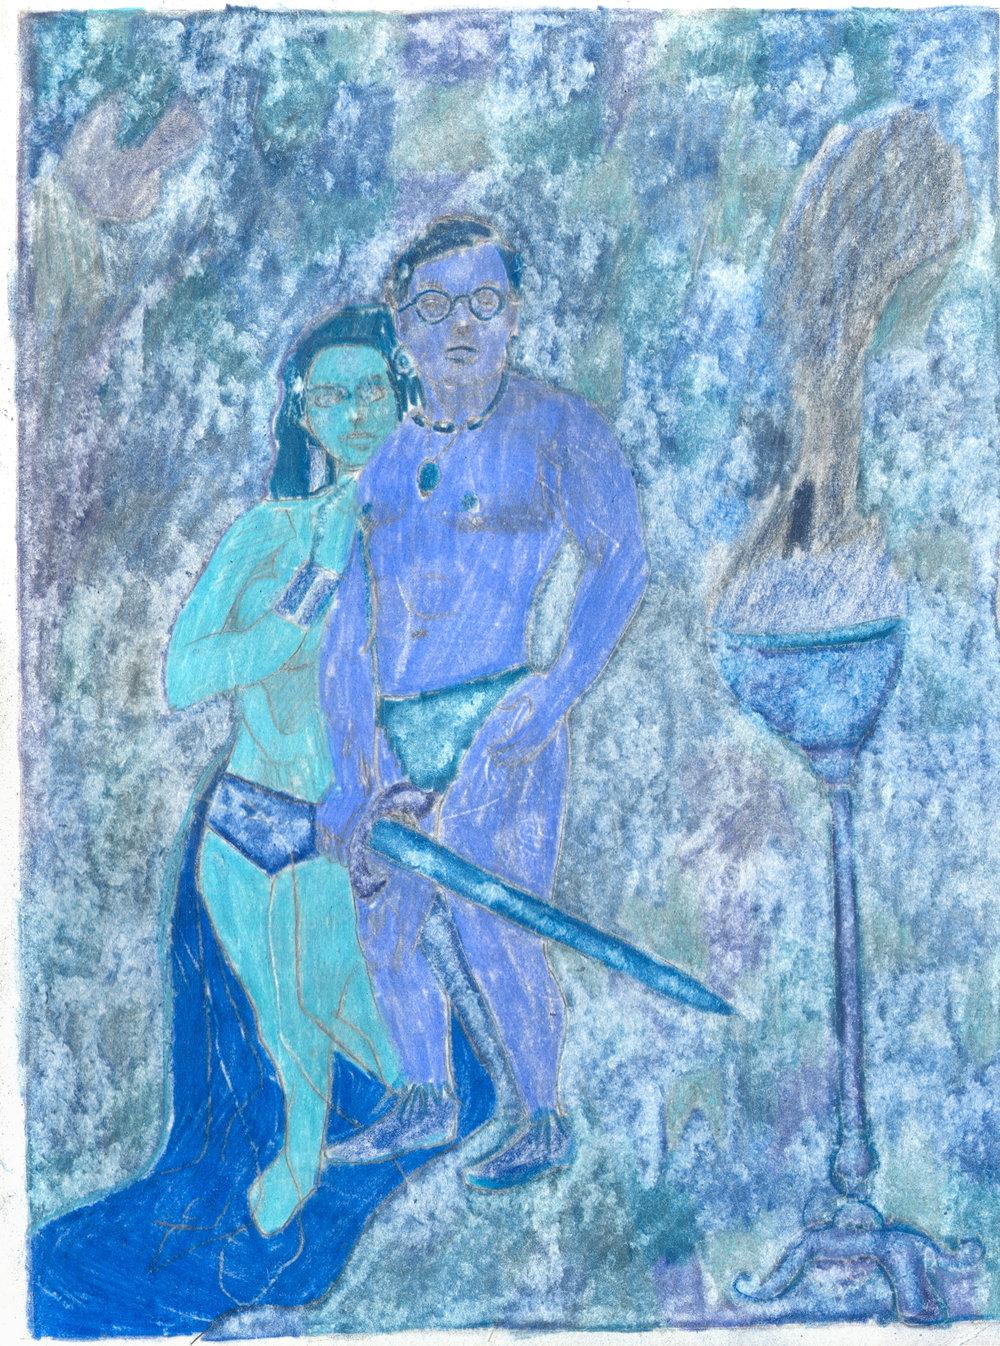 O.T. ( Selbstportrait als Conan der Barbar - Red-Phase ), 2019  Bleistift Buntstift auf Papier, 26x35.5cm